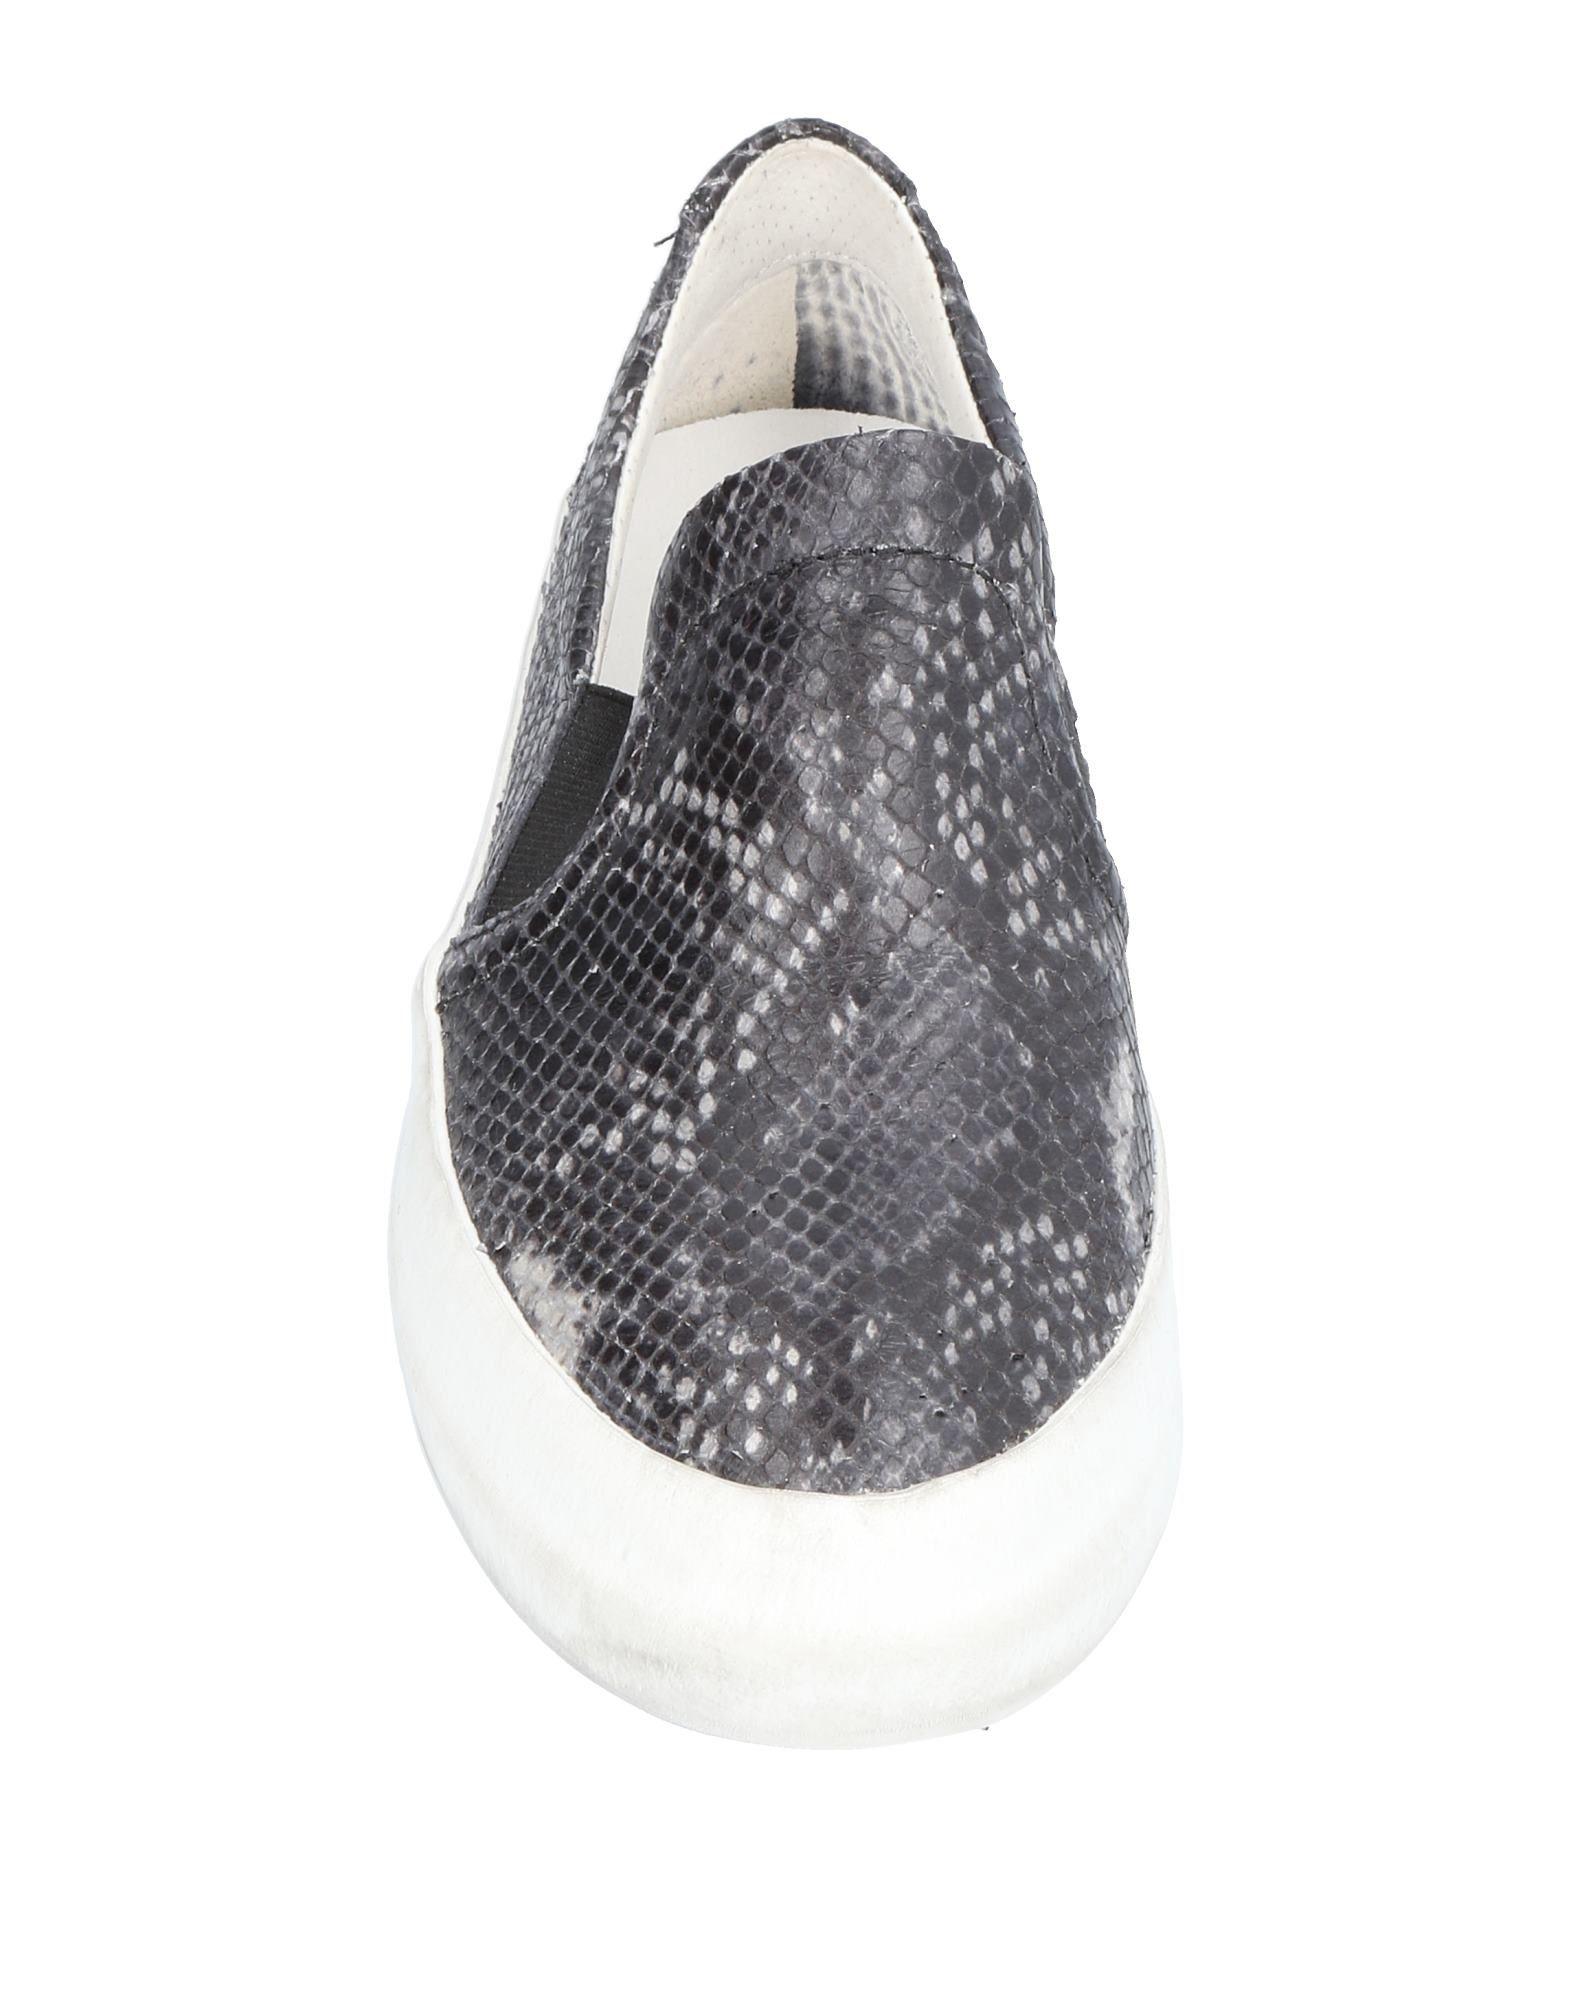 O.X.S. Sneakers Damen Gutes Gutes Damen Preis-Leistungs-Verhältnis, es lohnt sich 3ef331